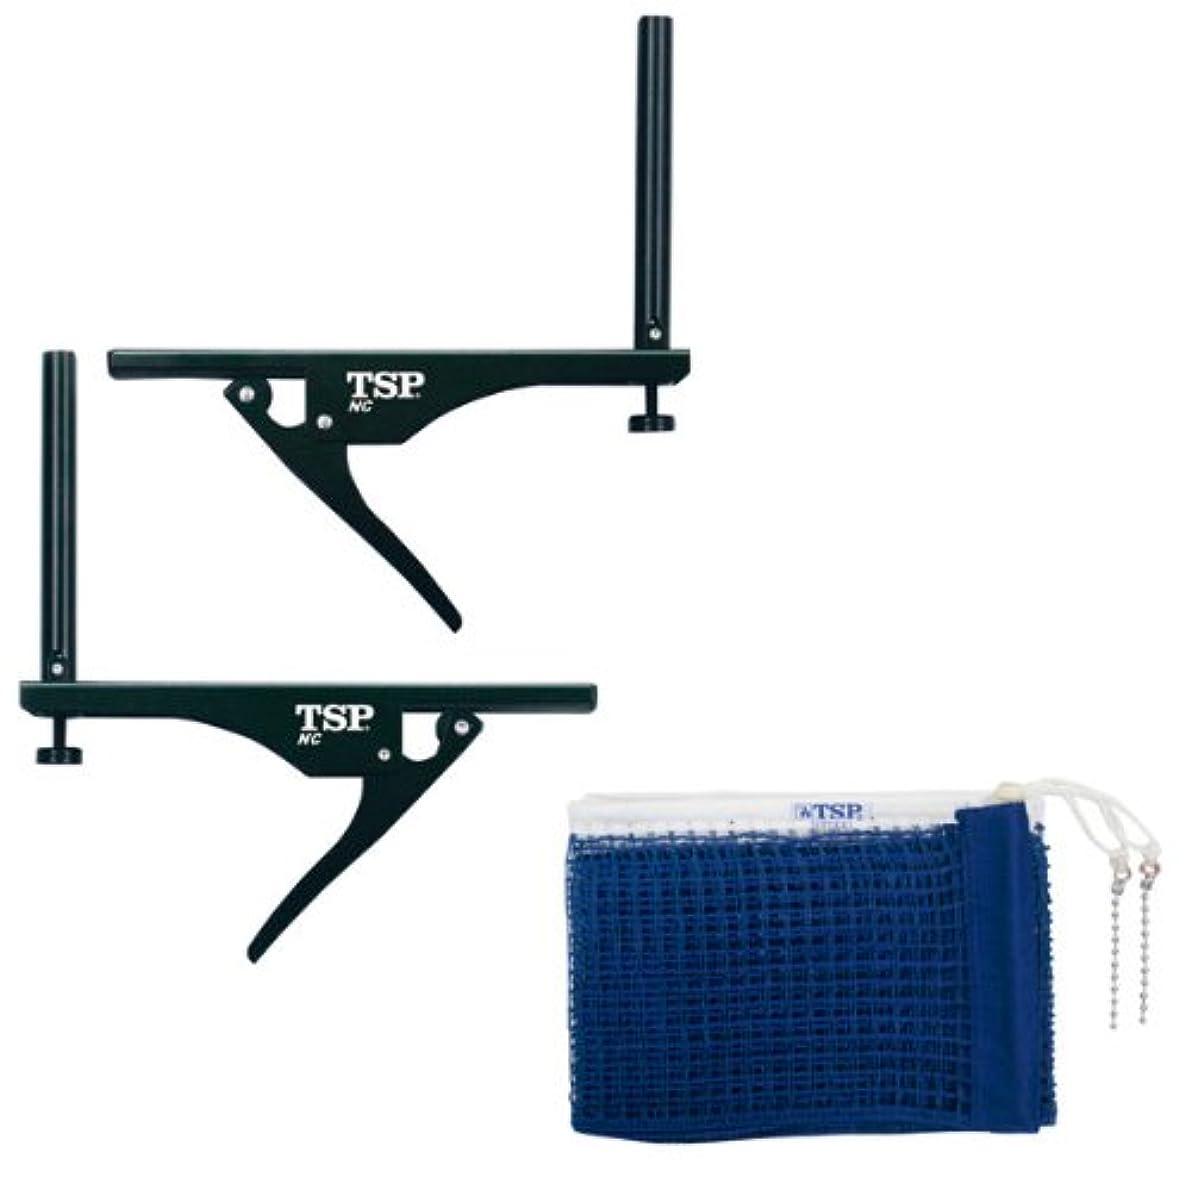 にぎやか安全ブロックするティエスピー(TSP) 卓球 ネット NCサポートセット ブルー  43110